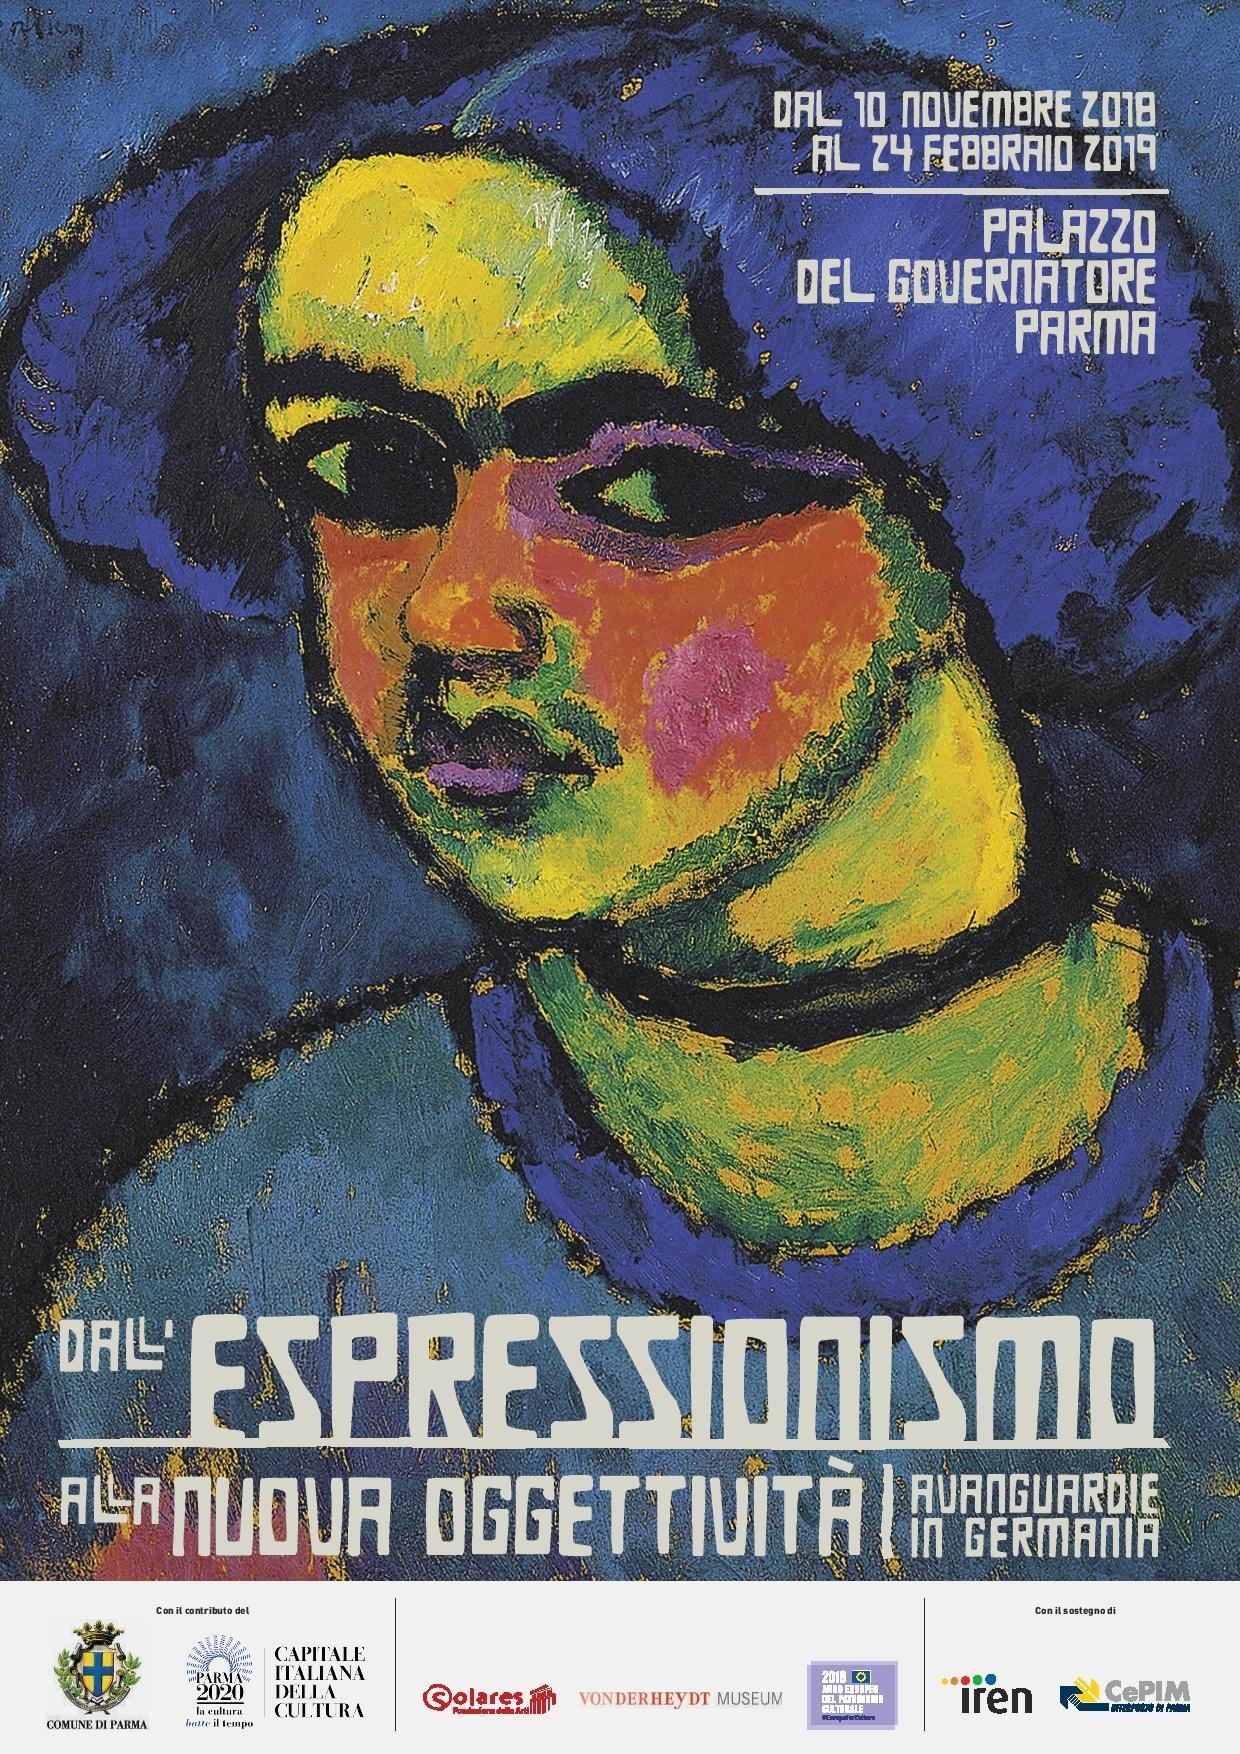 """Speciale Promozione per vistare la Mostra """"Dall'Espressionismo alla Nuova Oggettività"""""""